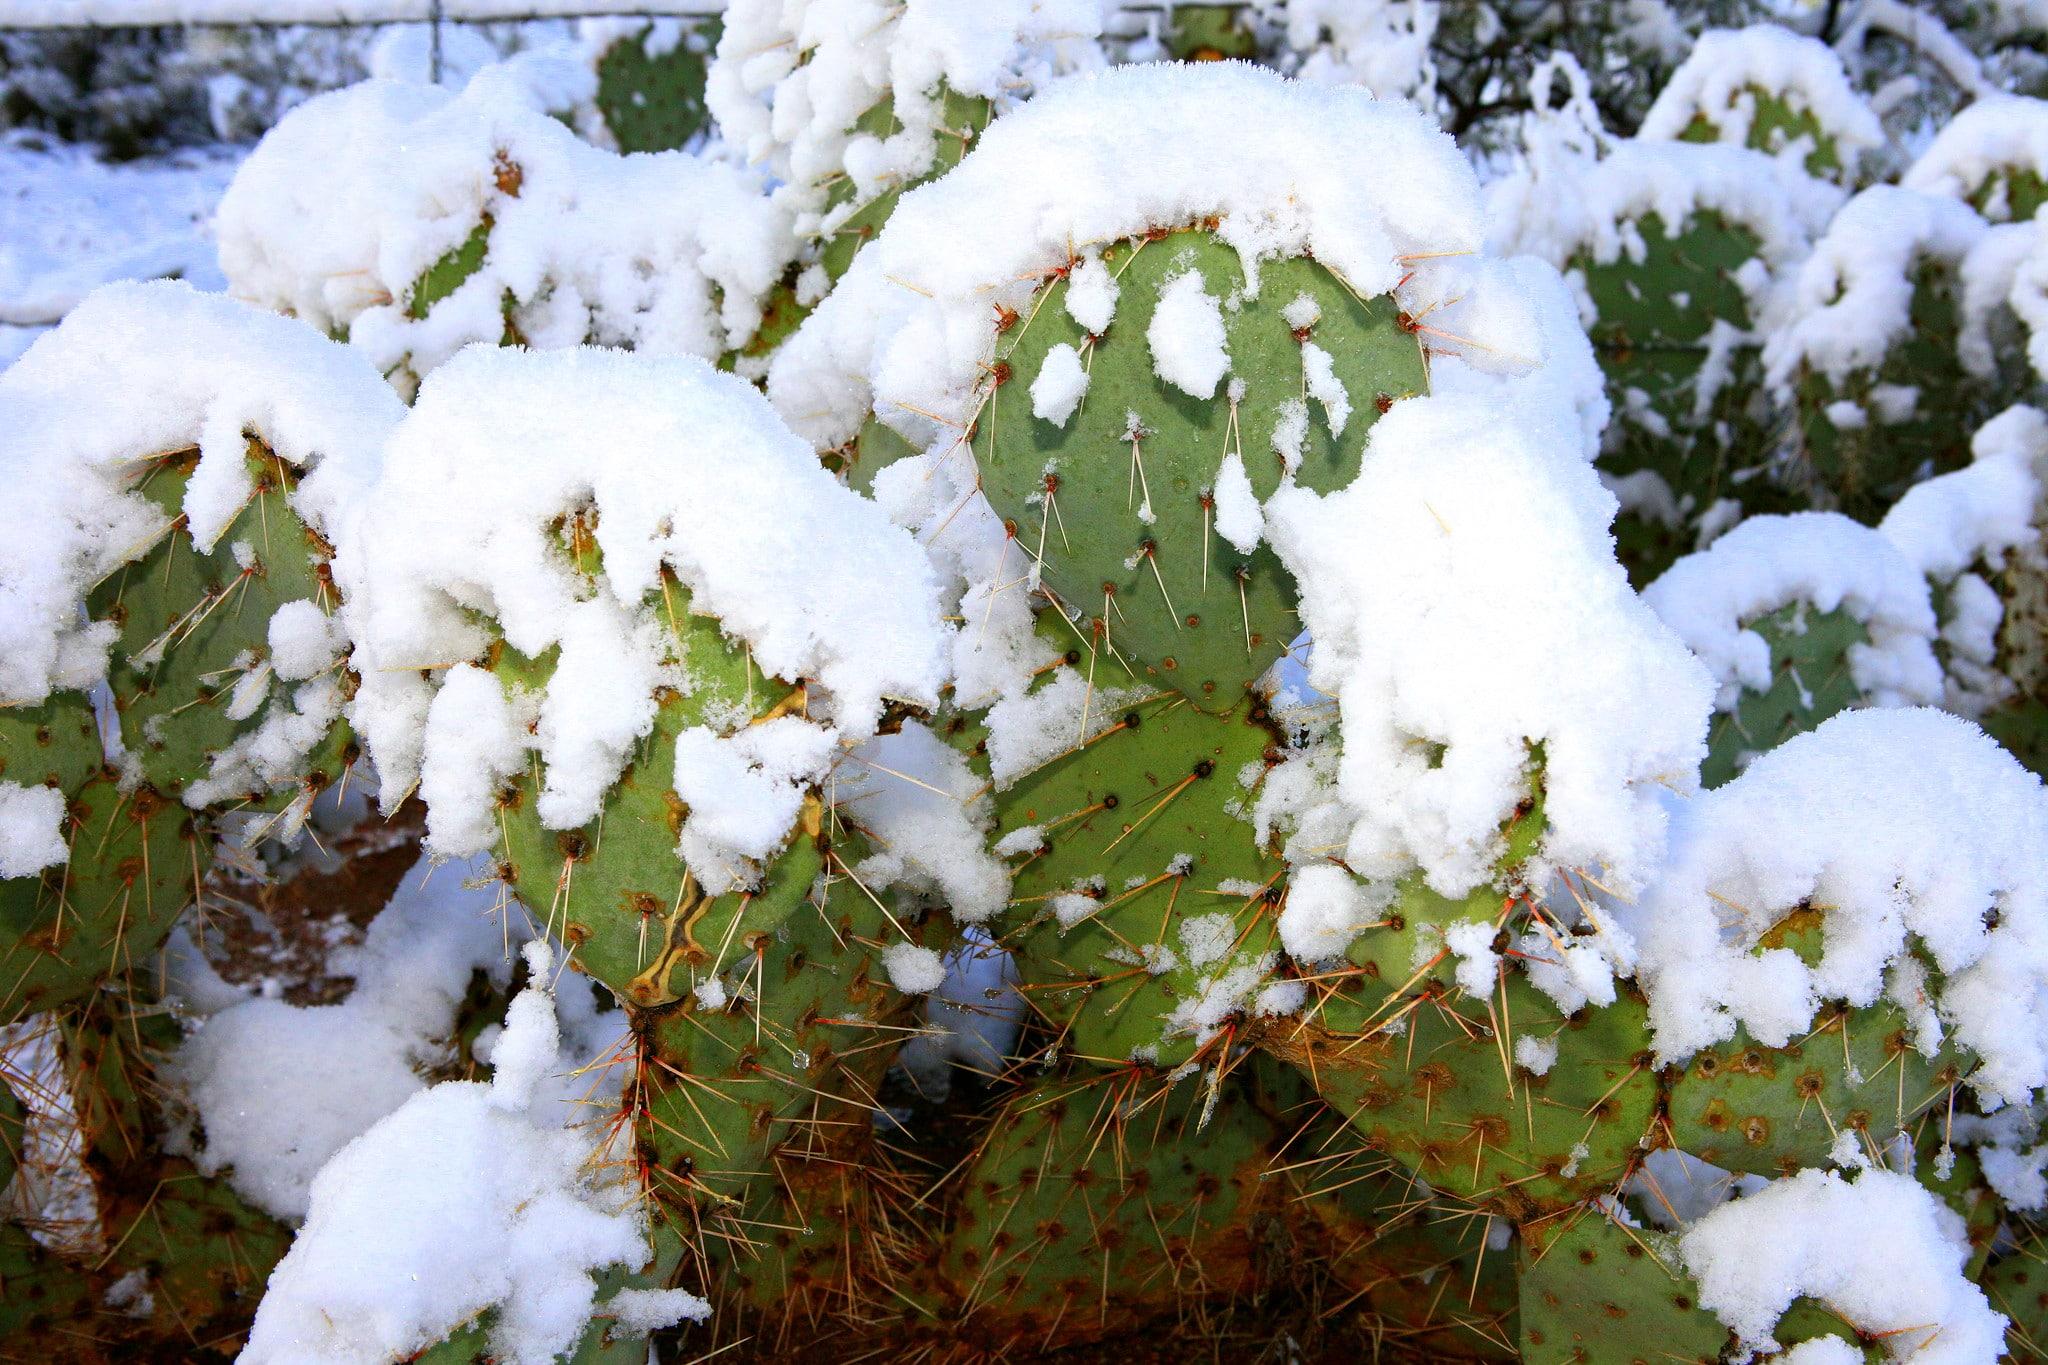 Opuntia cubierta de nieve. Existen muchos cactus resistentes al frío.